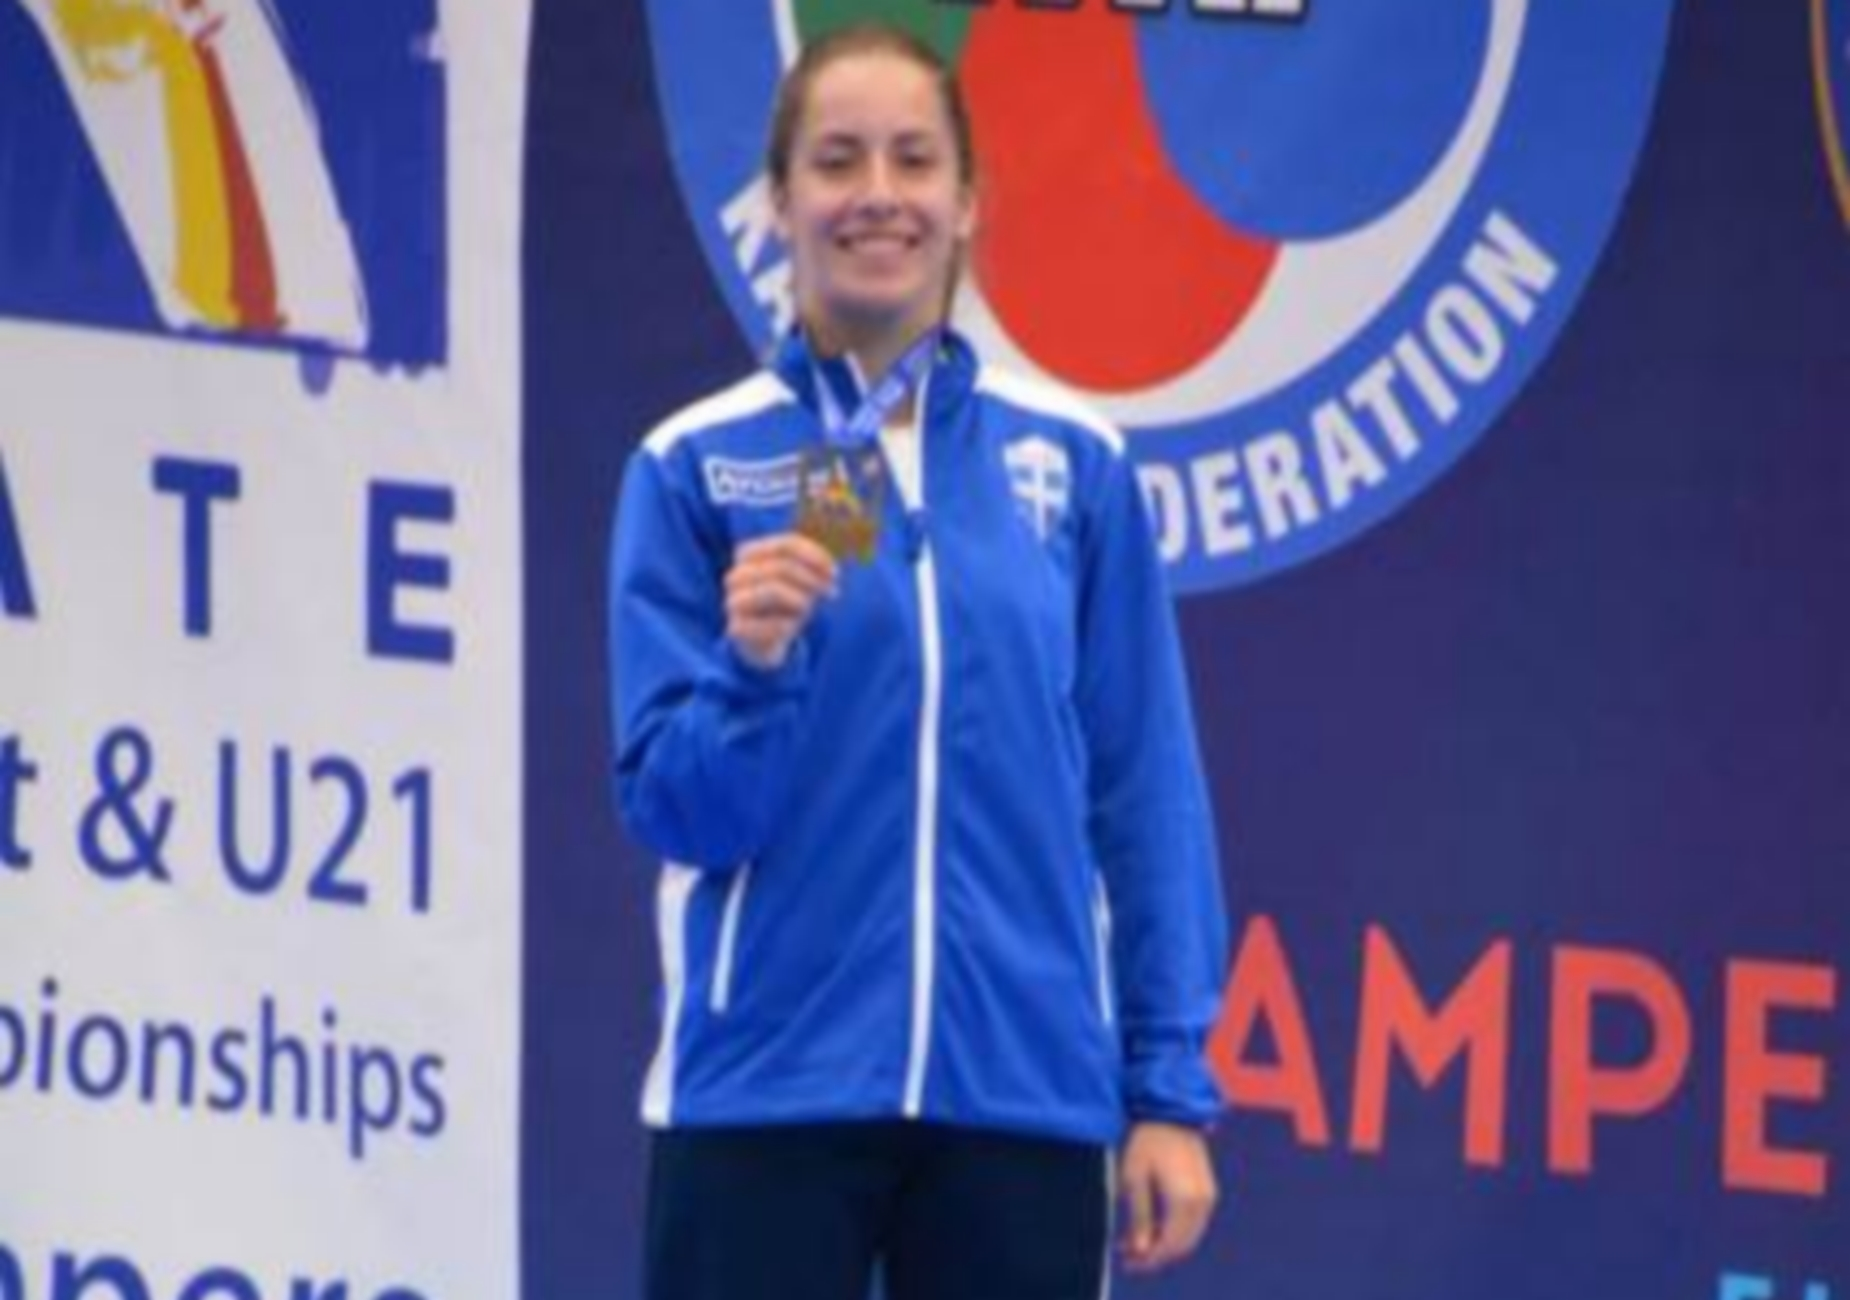 Χάλκινο μετάλλιο για τη Στελίνα Τζίλια στο Ευρωπαϊκό Νεανίδων στο Καράτε